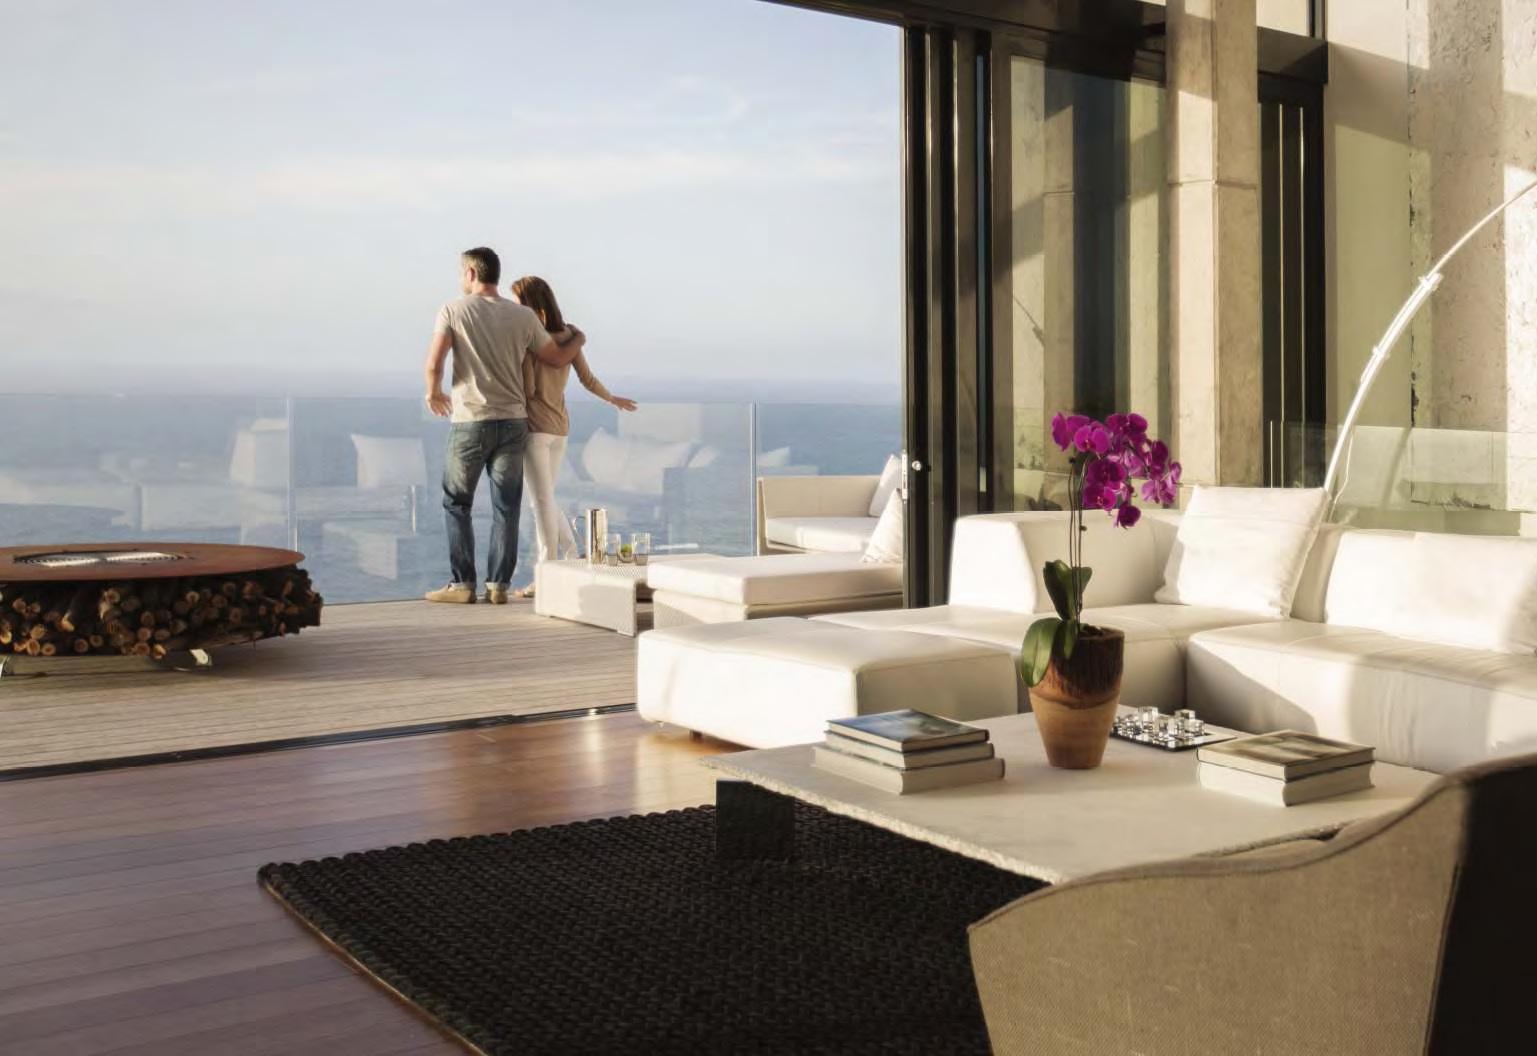 sai mahima lake view apartment interiors7